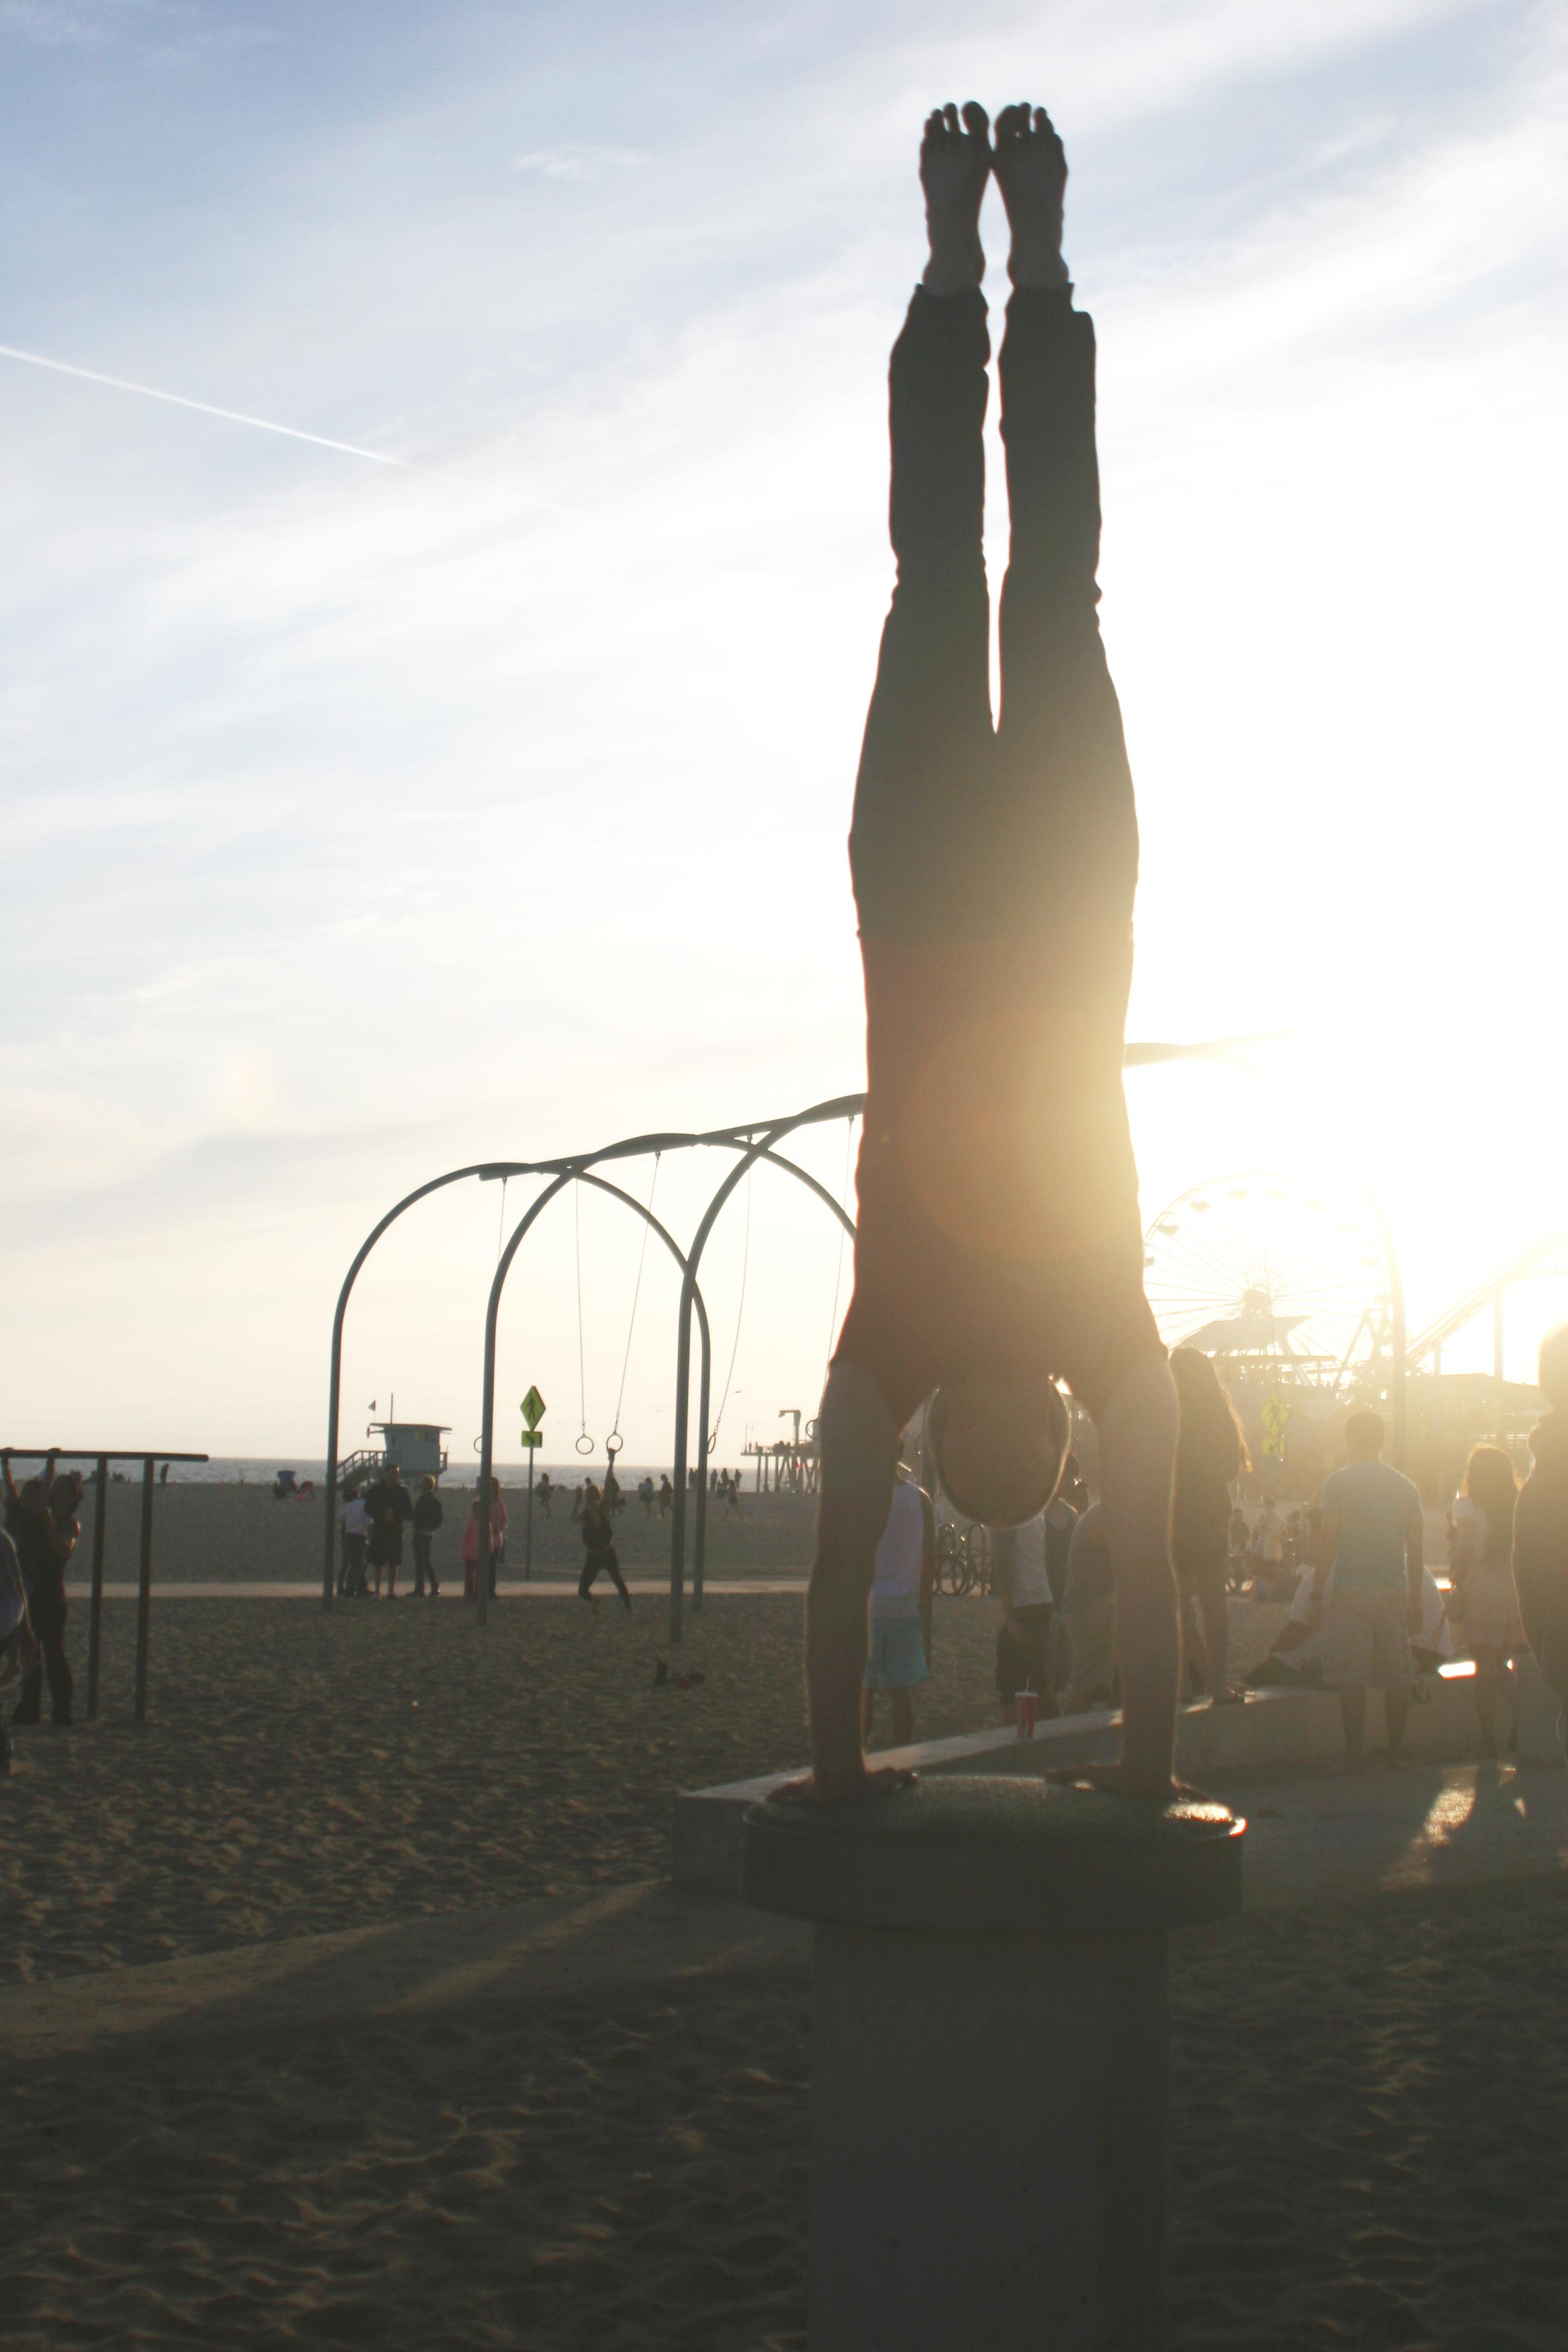 Garth - Handstand on Platform - Photoshopped.jpg